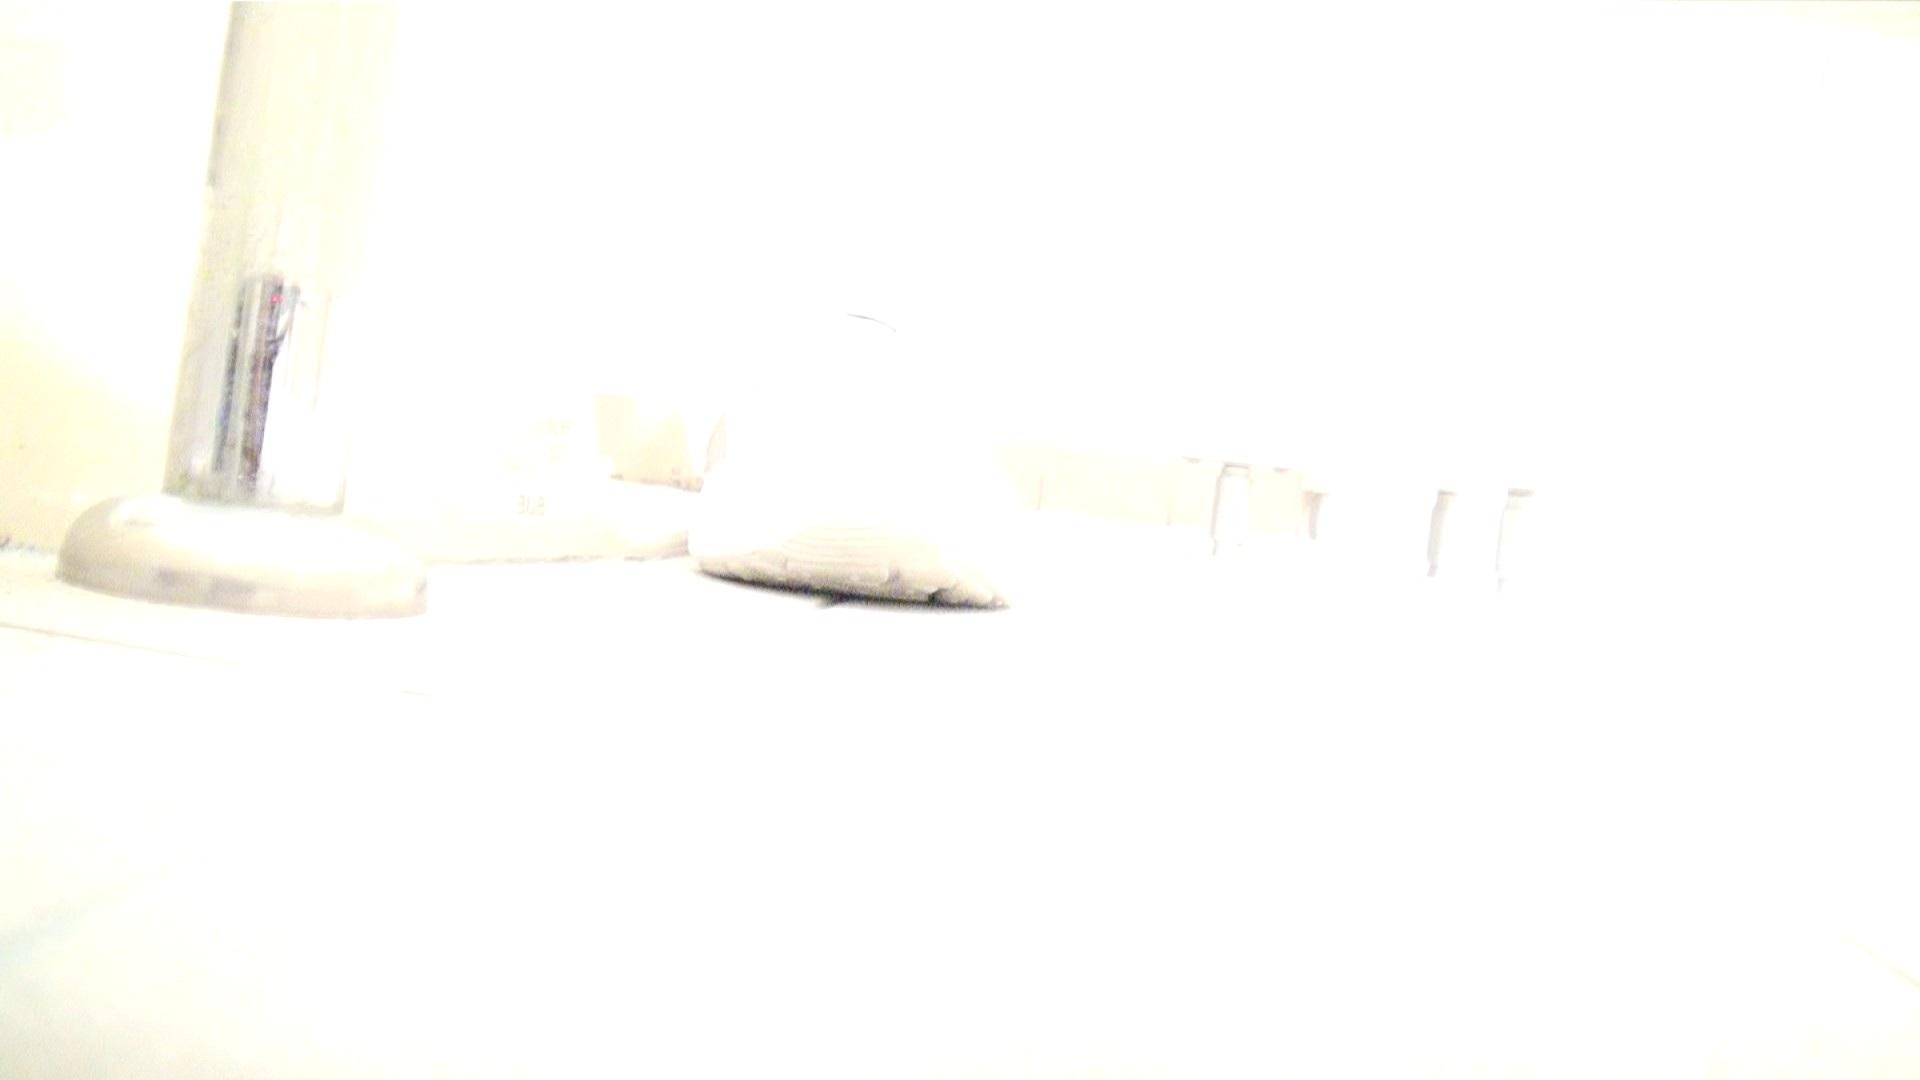 至高下半身盗撮-PREMIUM-【院内病棟編 】 vol.06 盗撮 | ナース  63PIX 57